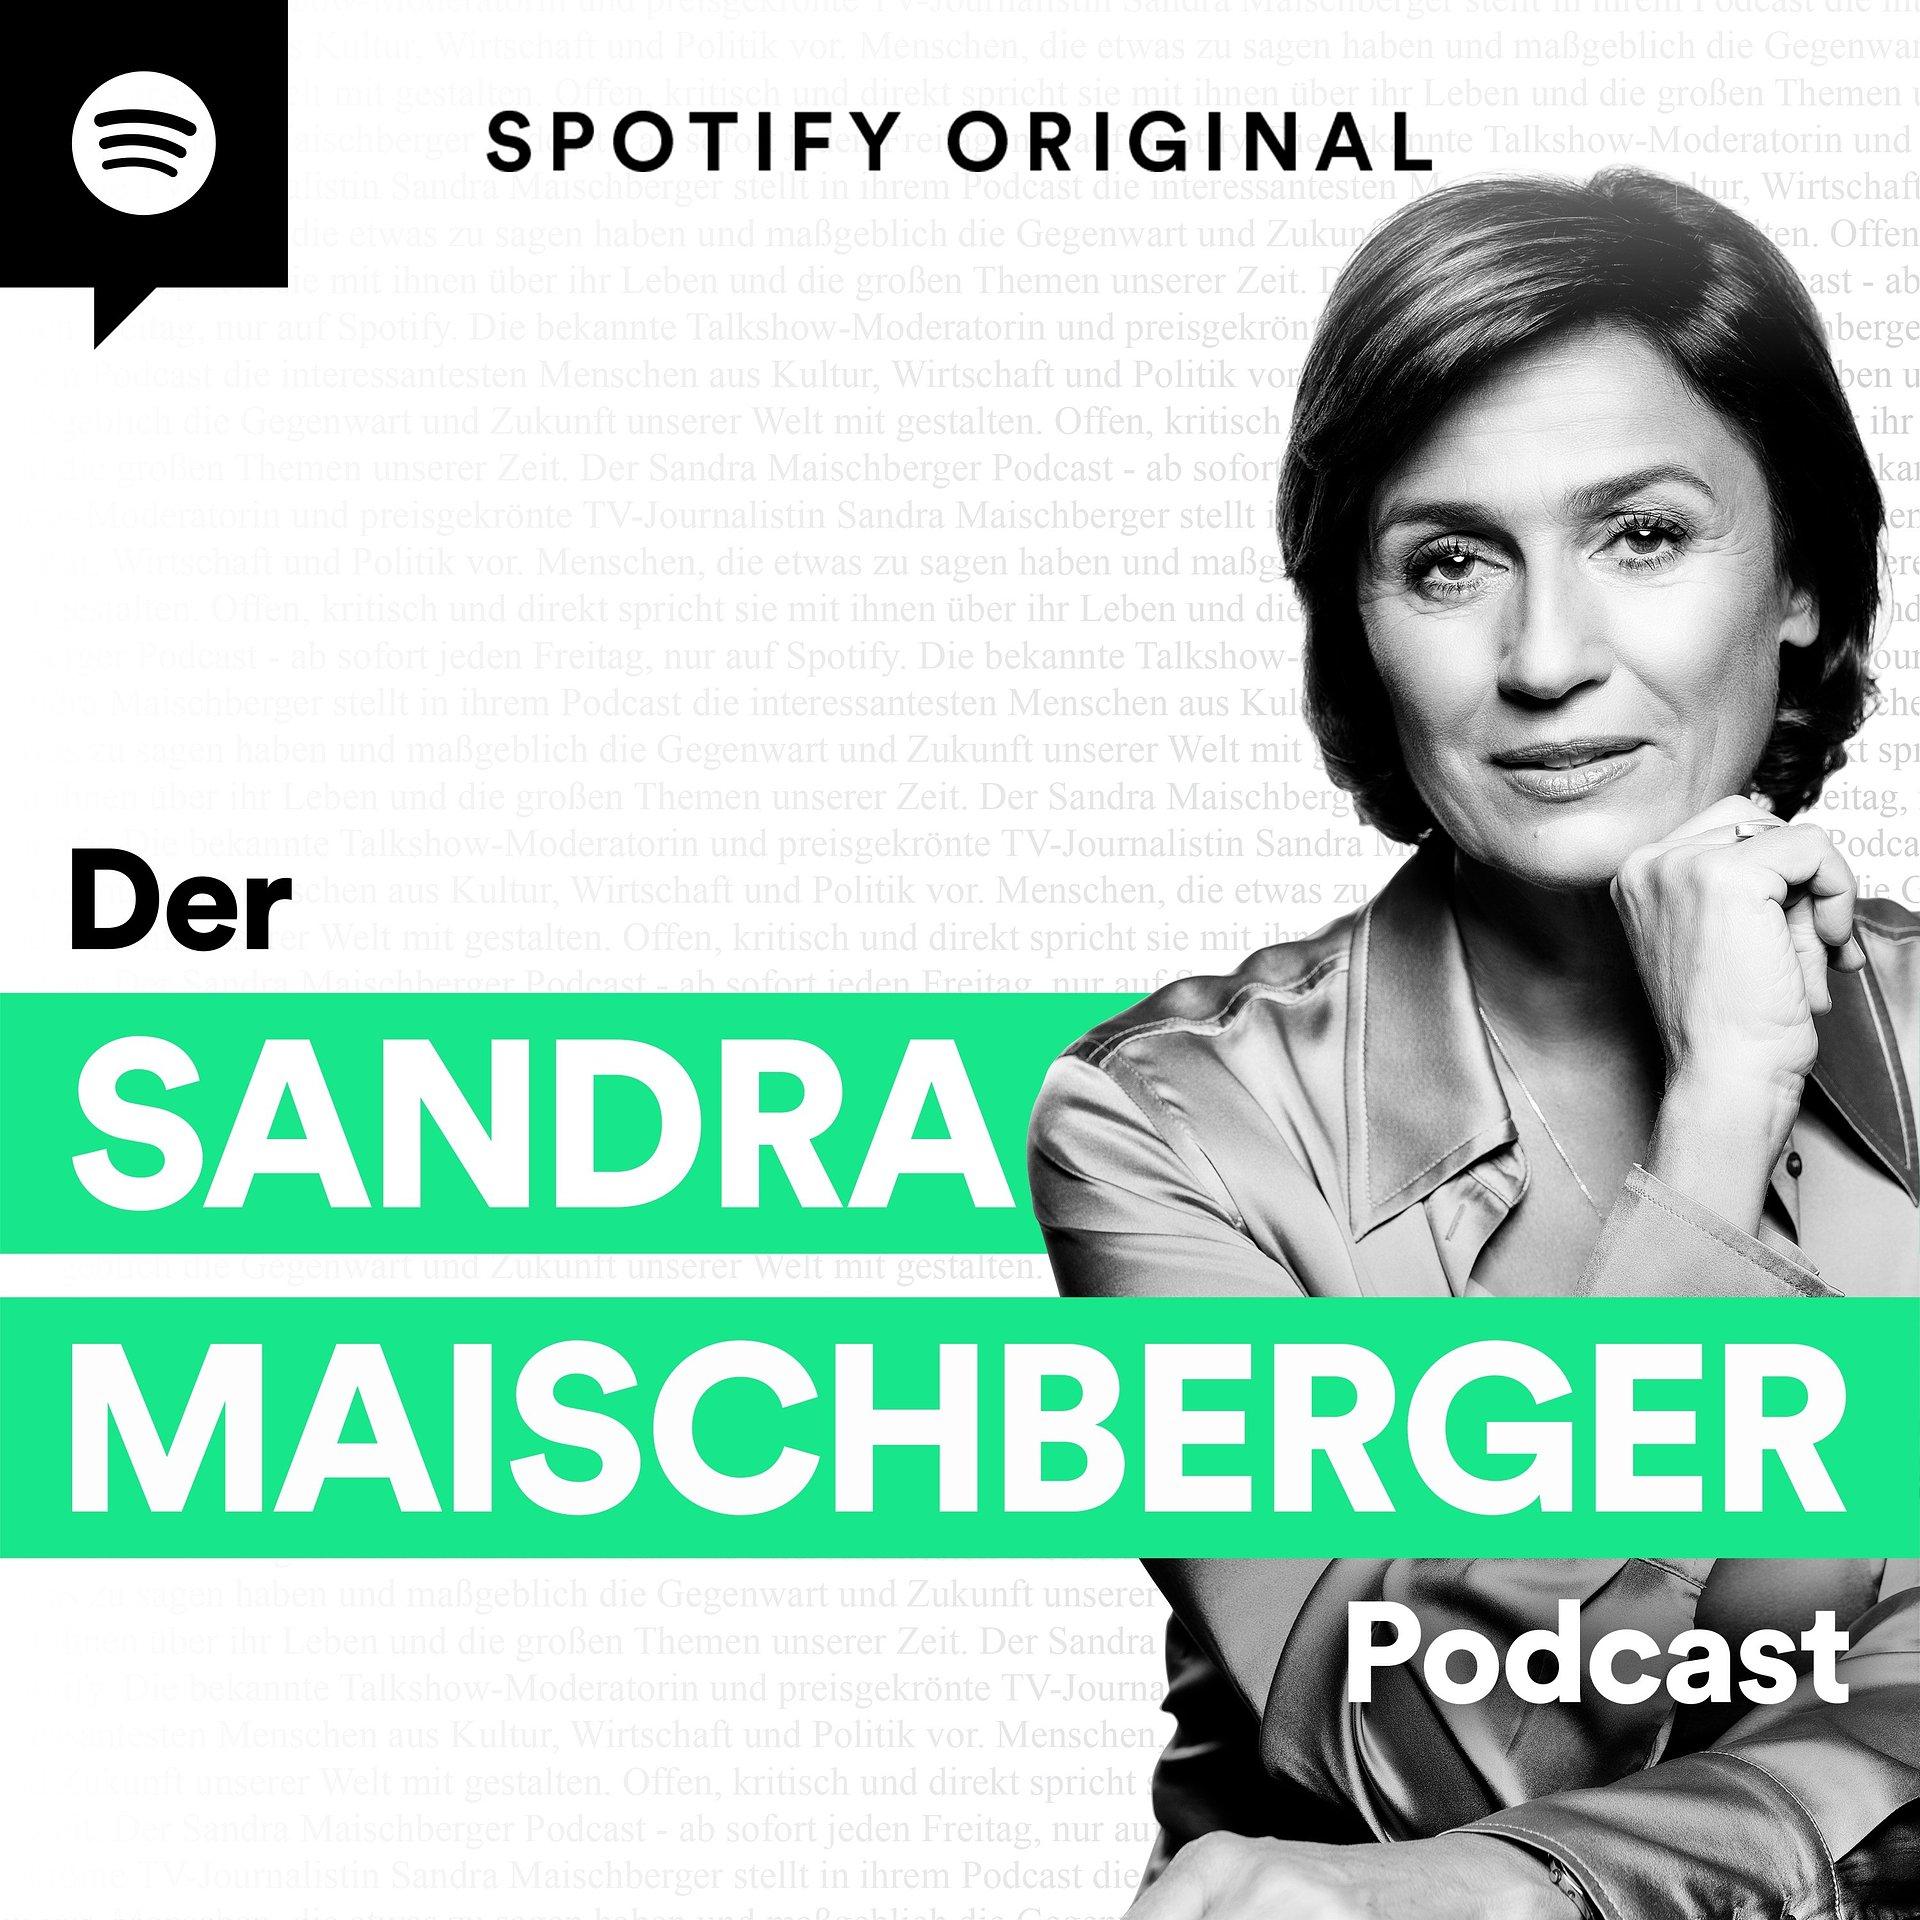 """""""Der Sandra Maischberger Podcast"""": Neuer Spotify Original Podcast mit interessanten Persönlichkeiten aus Wirtschaft, Politik und Kultur"""